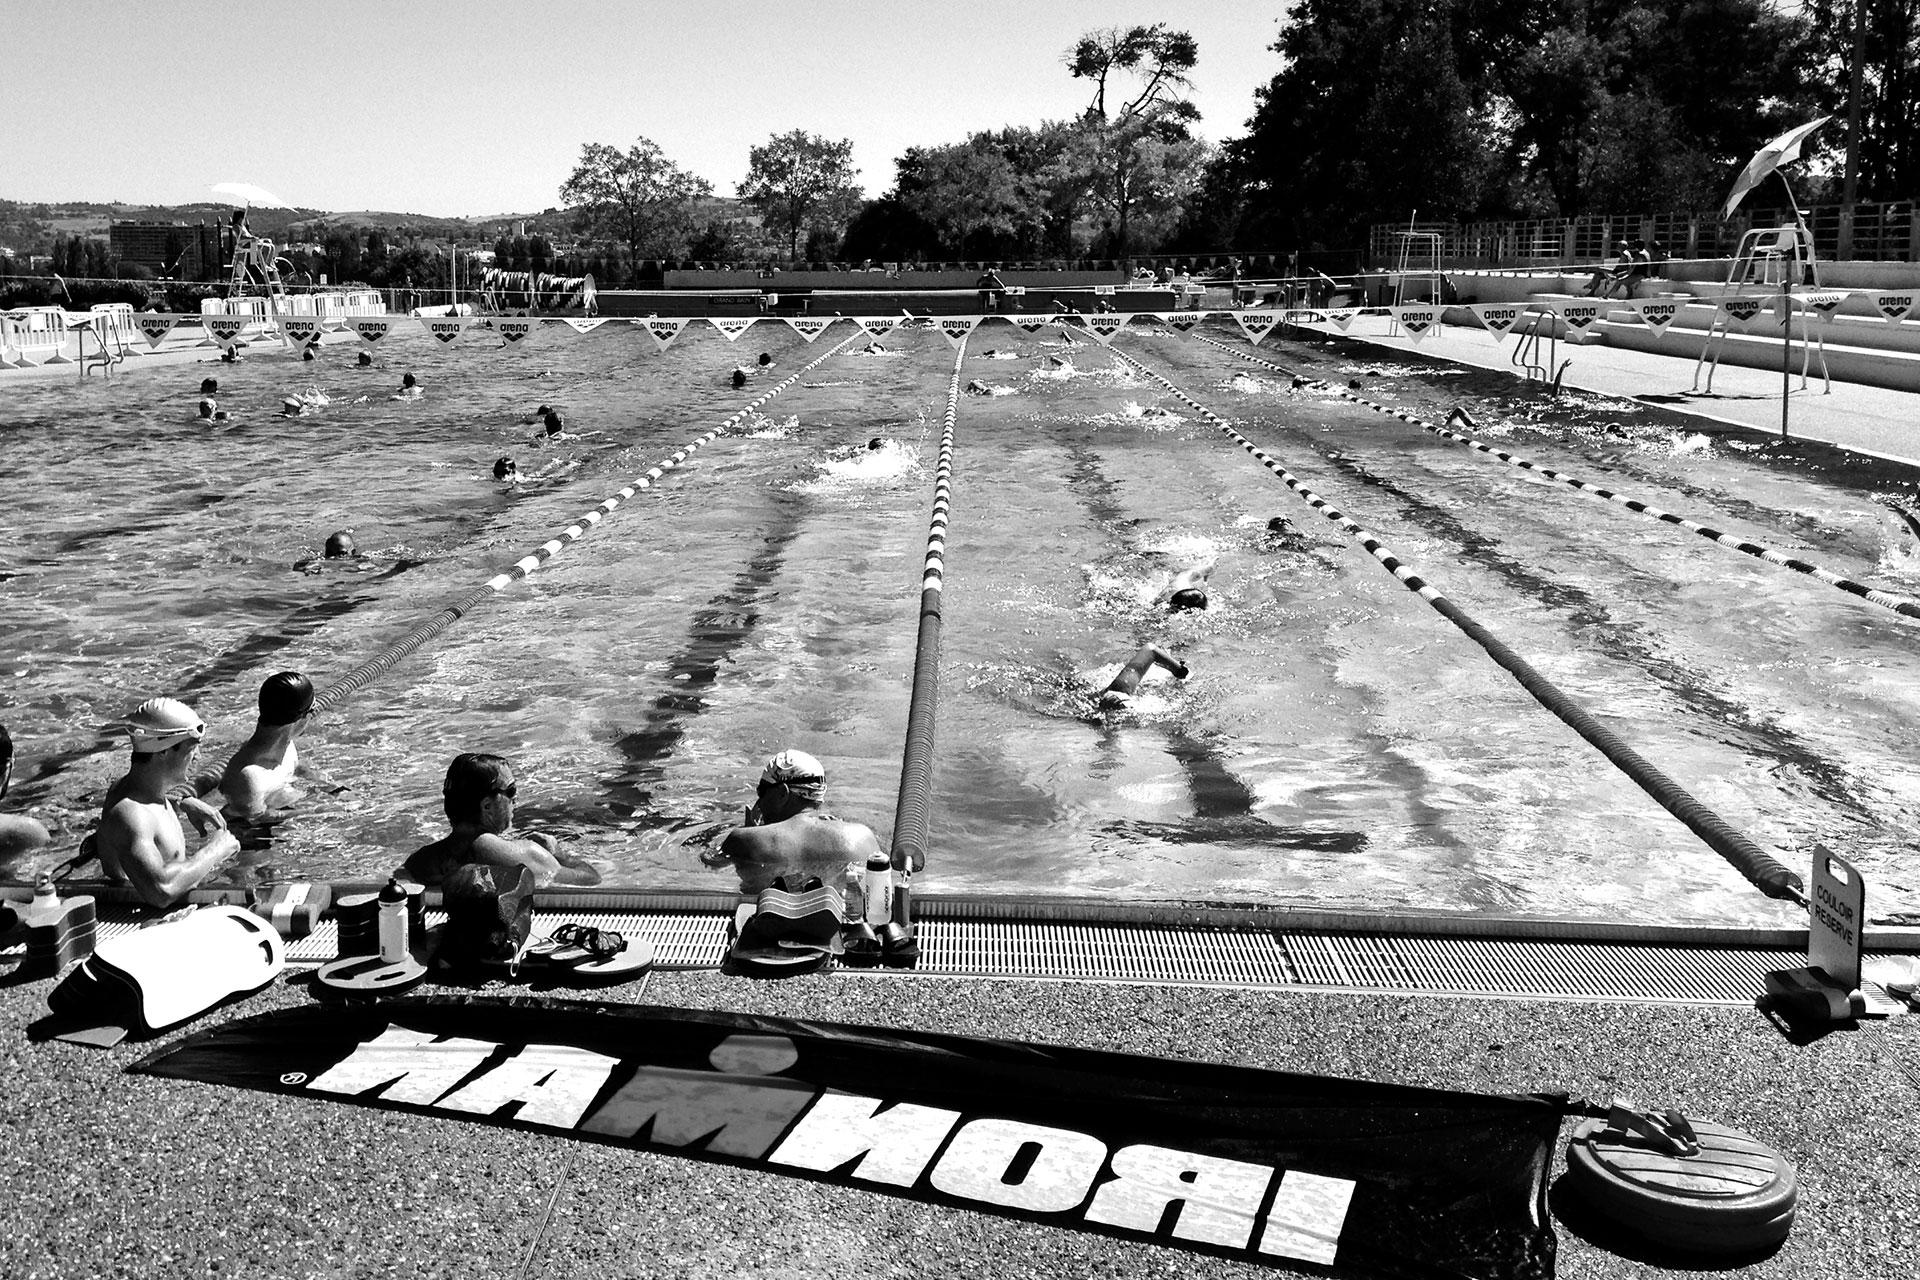 IRONMAN VICHY 2016 The Story: Echter Erfolg mit virtuellen Nebenwirkungen / Die letzte Schwimmeinheit vor dem Wettkampf ©stefandrexl.de